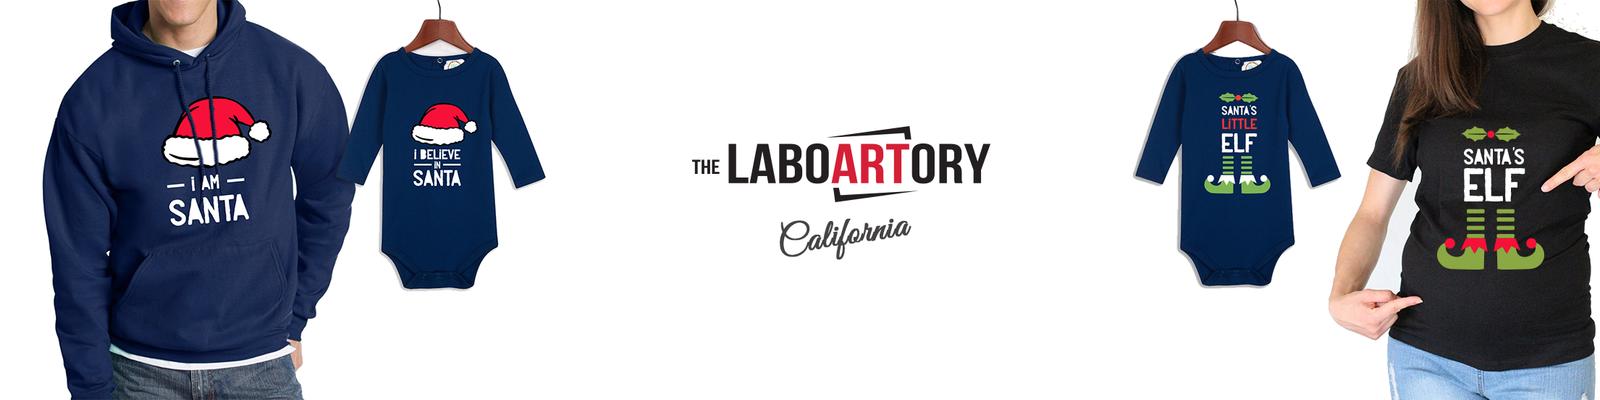 the LaboARTory CALIFORNIA